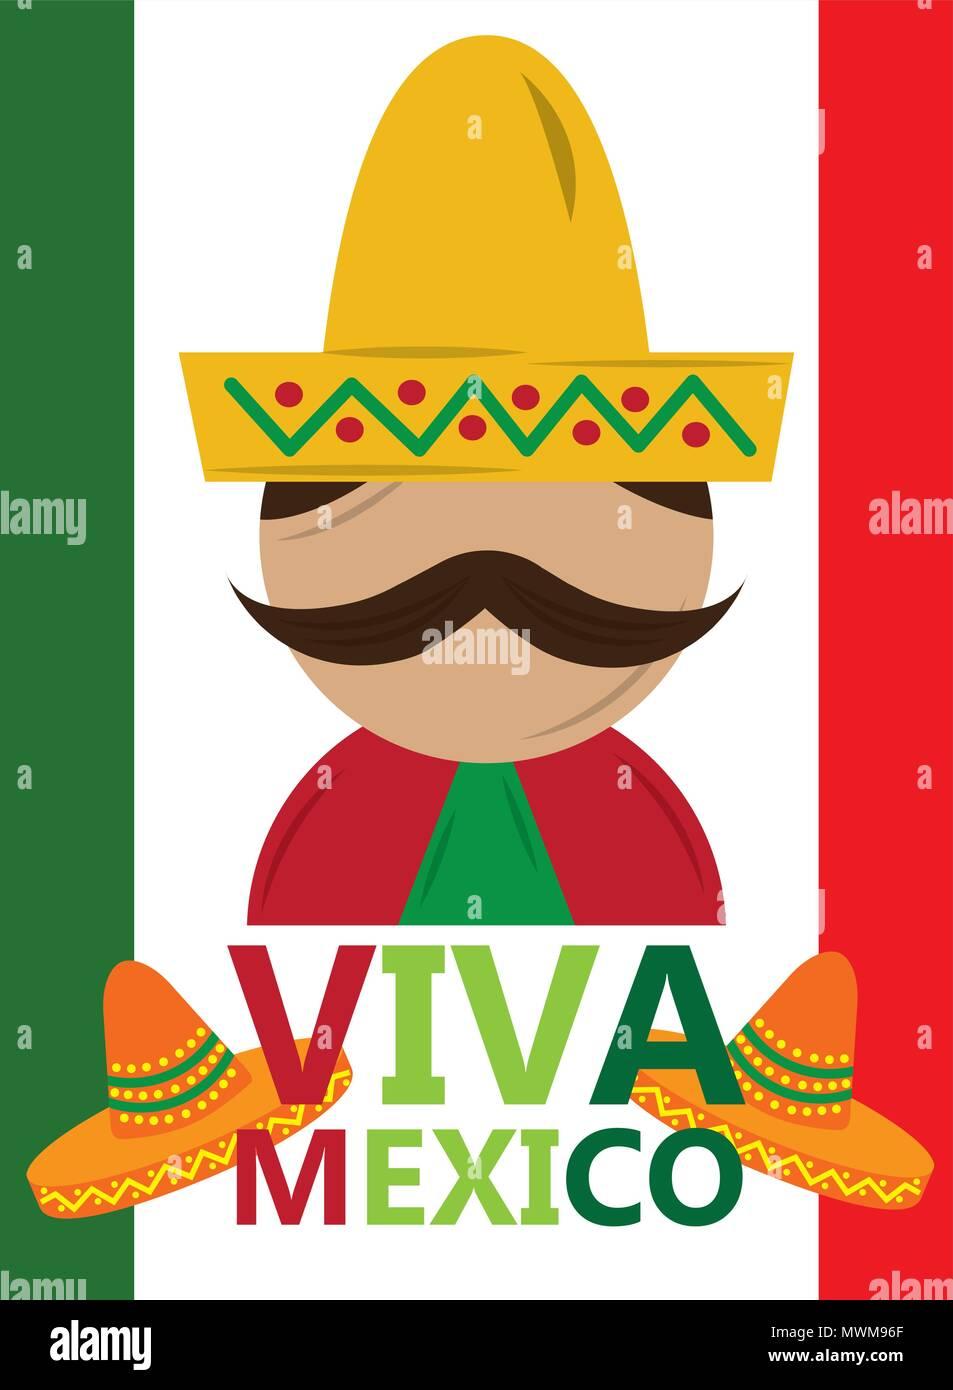 2b7288daf270a Hombre bigote mexicano con sombrero tradicional VIVA MÉXICO ilustración  vectorial